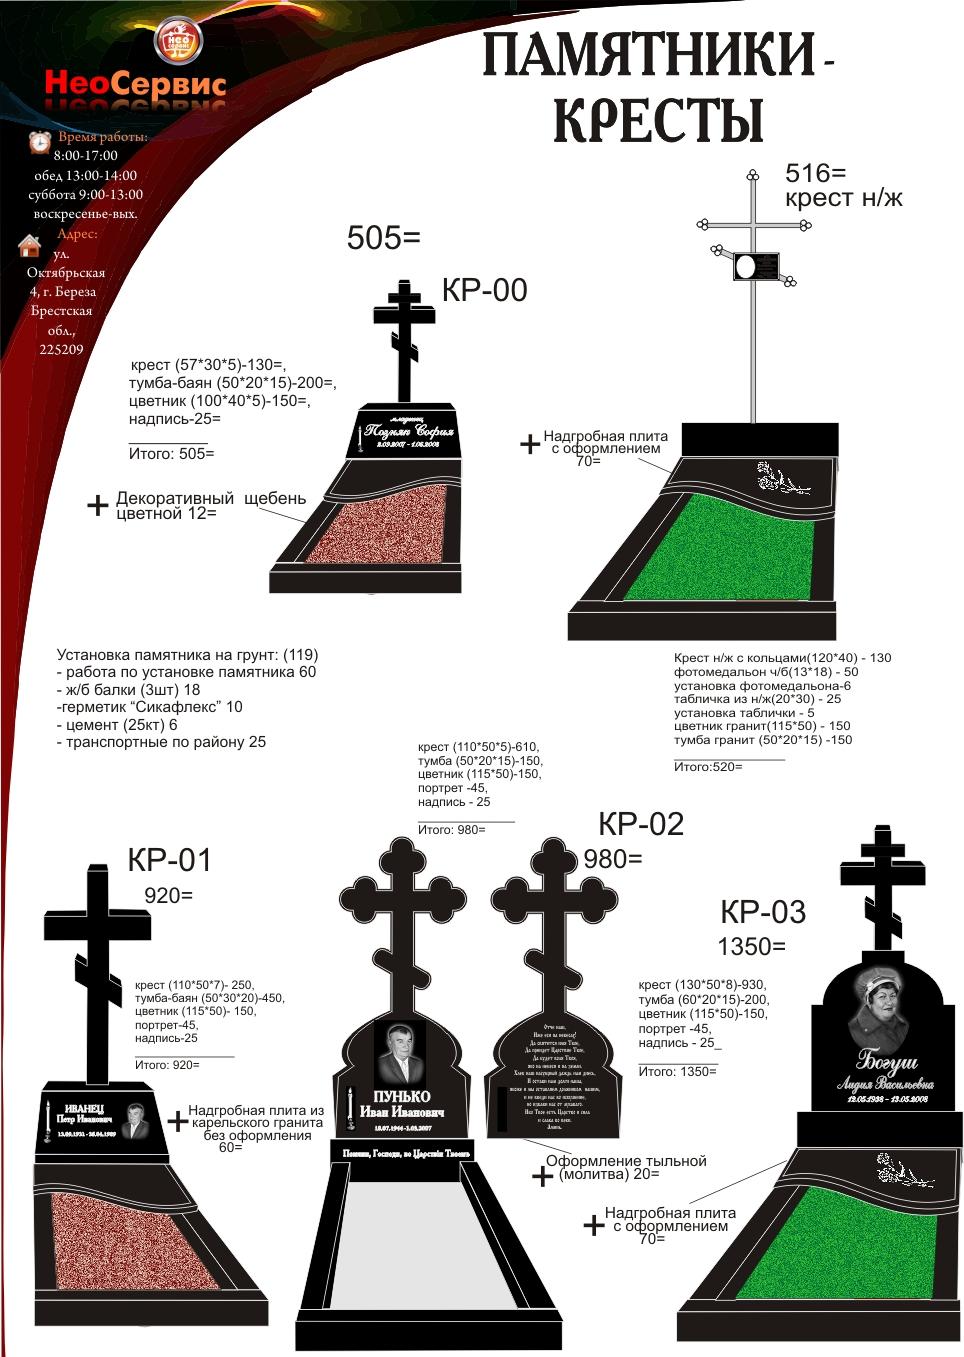 Памятники-кресты гранит